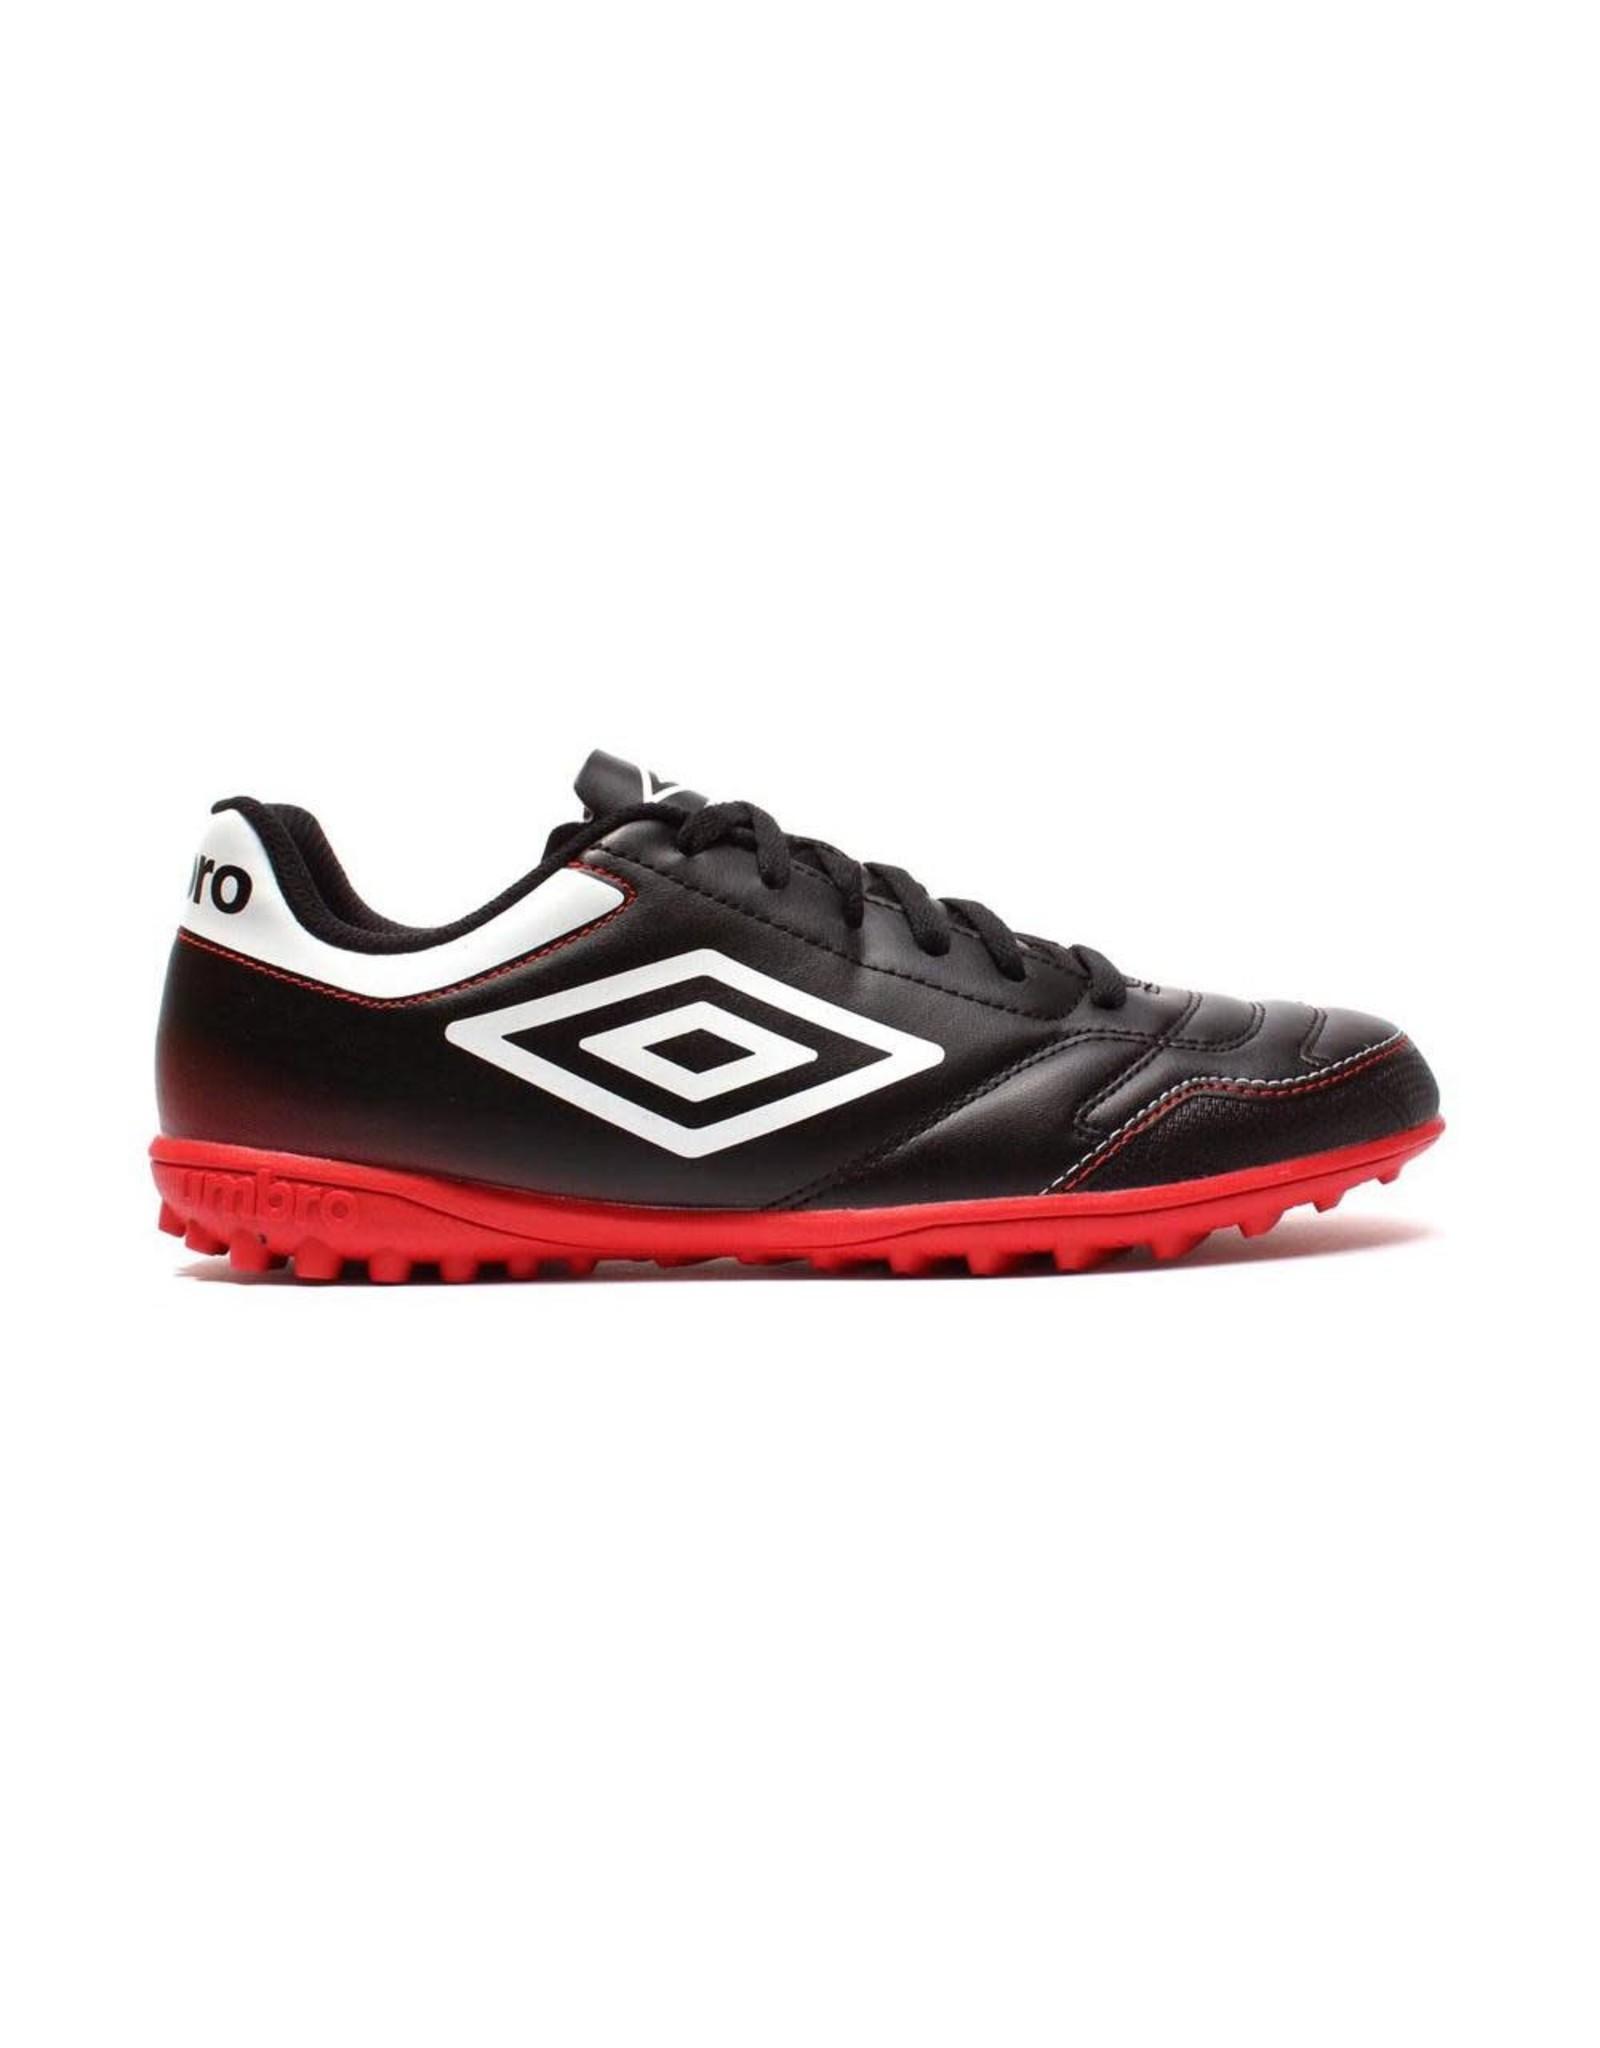 Umbro Umbro Classico 4 TF Junior Shoes (Black/White/Vermillion)